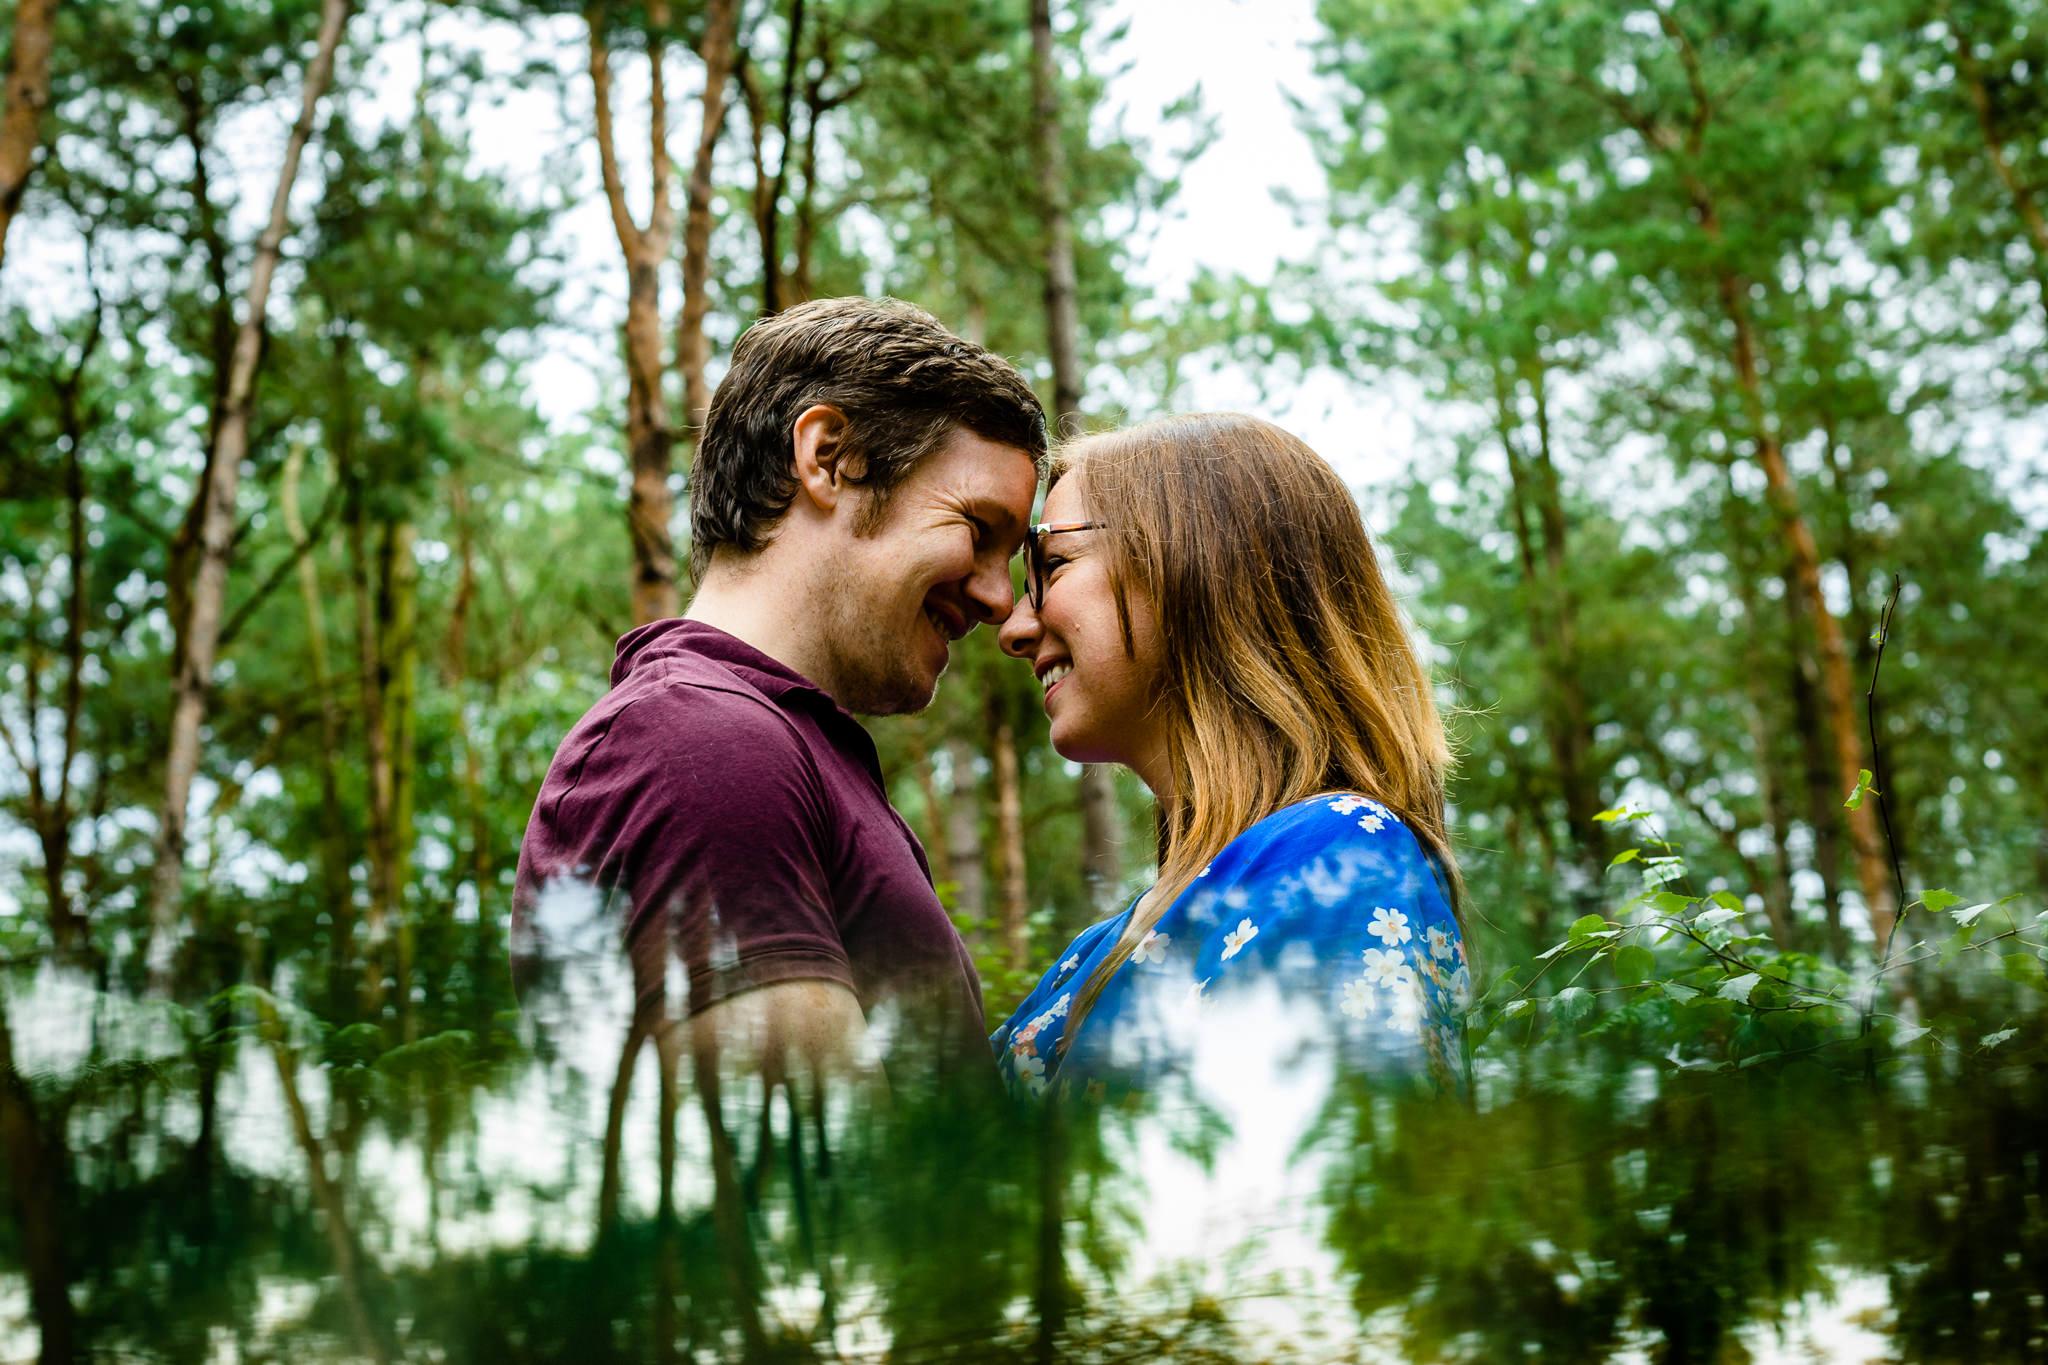 Nicola-and-Dave-PreWedding-50.jpg